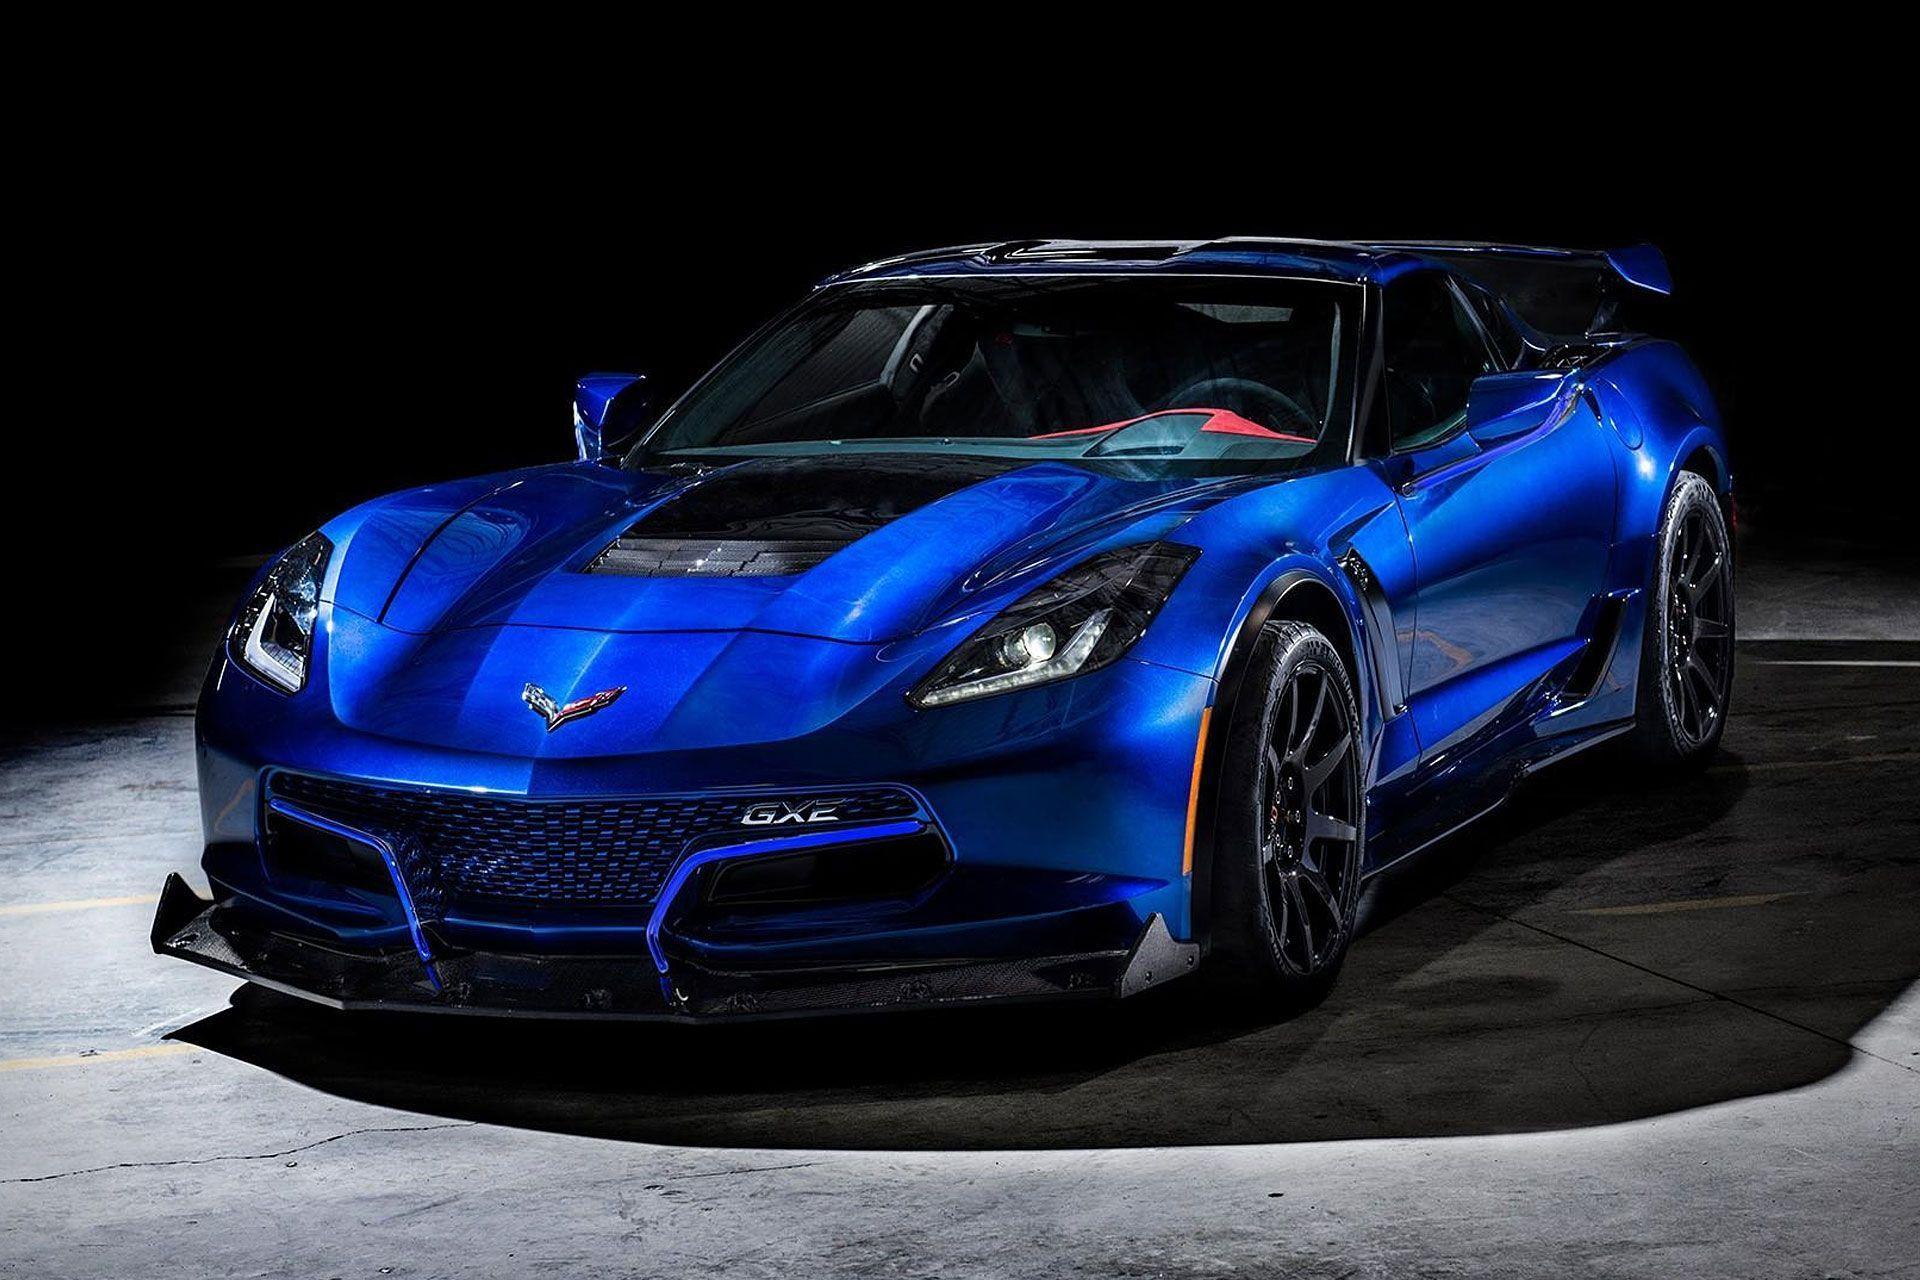 2019 Corvette Zr1 >> Chevrolet S 2019 Corvette Zr1 Is Taking The Fiberglass Flyer